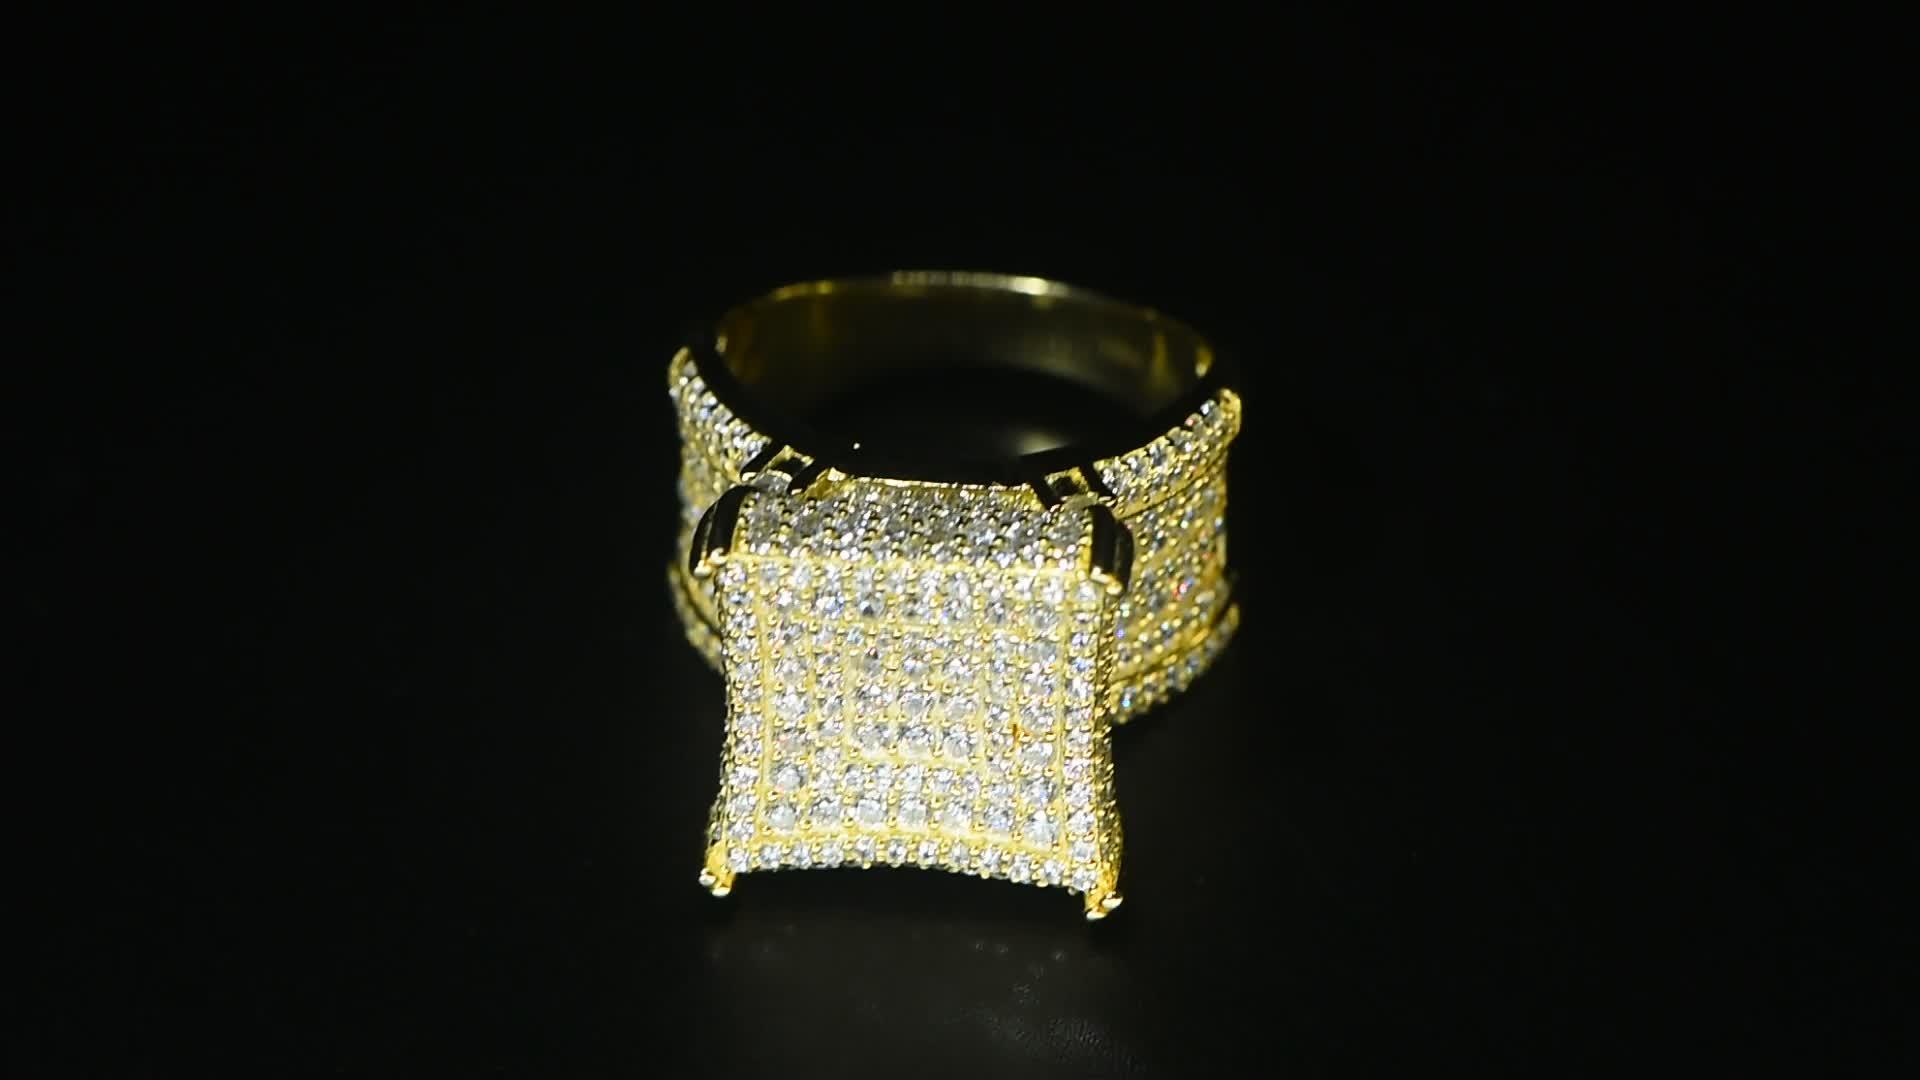 Oro Dei Monili di Hip Hop Fornitori di Nuovo Prodotto 2020 Vera E Propria Piazza Anello di Diamanti Bling Plain Anelli D'oro Con Il Prezzo